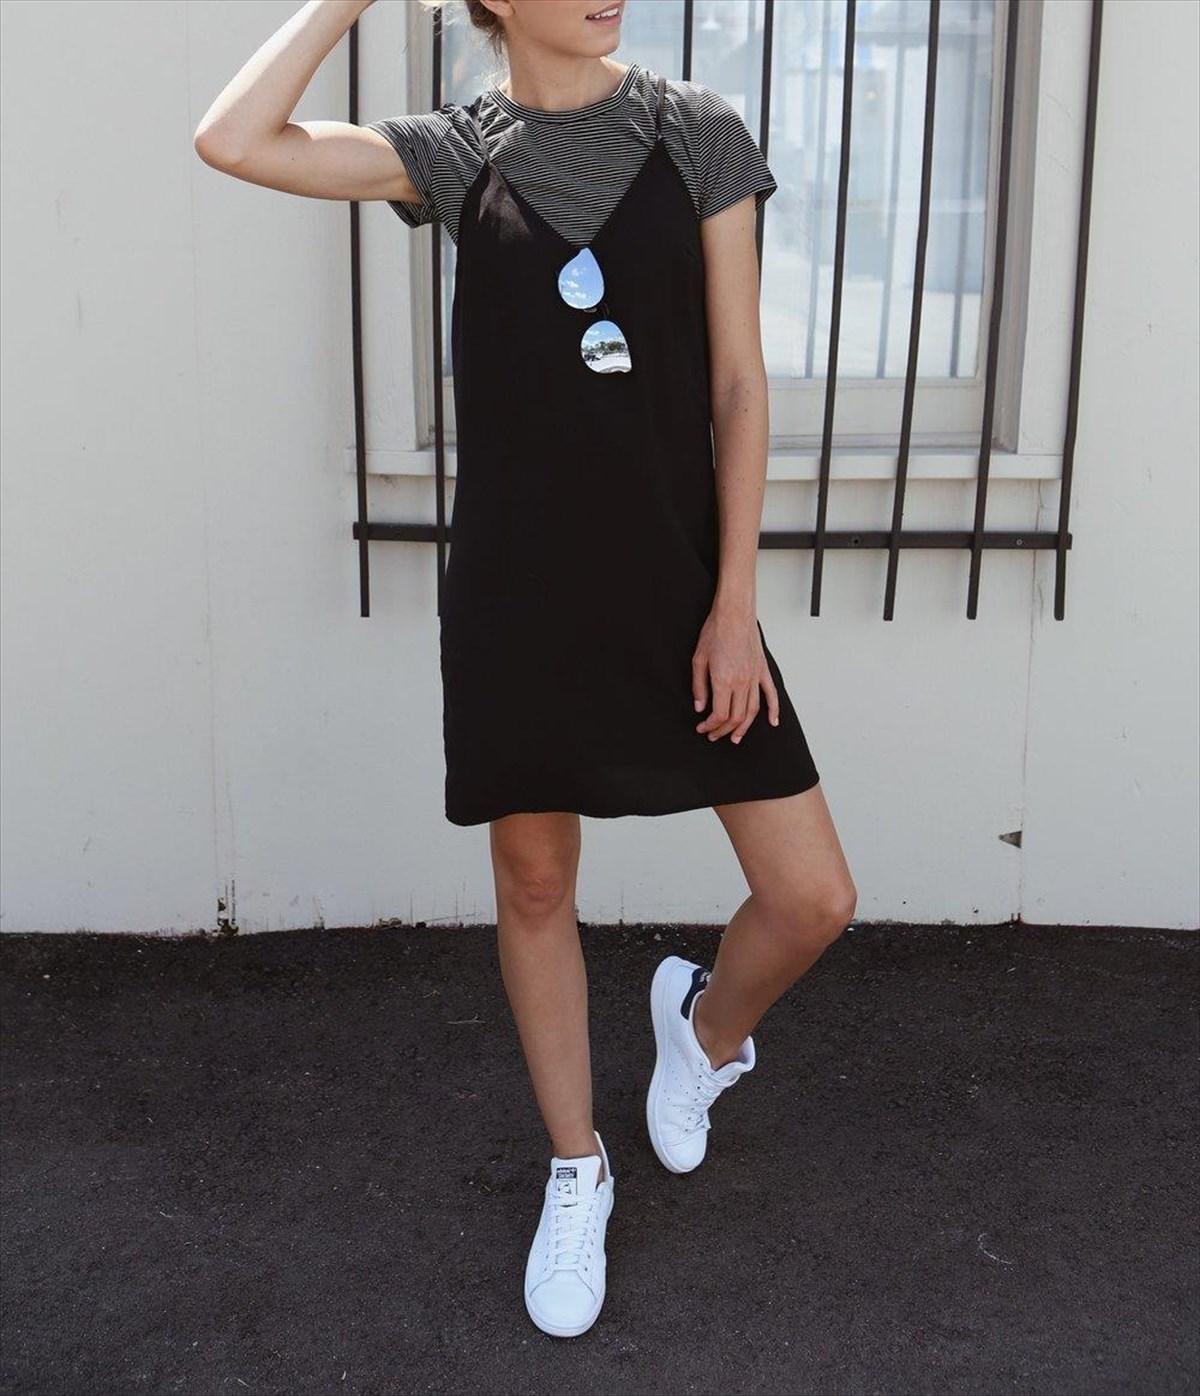 Φοράμε το σατέν φόρεμα αλλιώς  b8a22e6f101